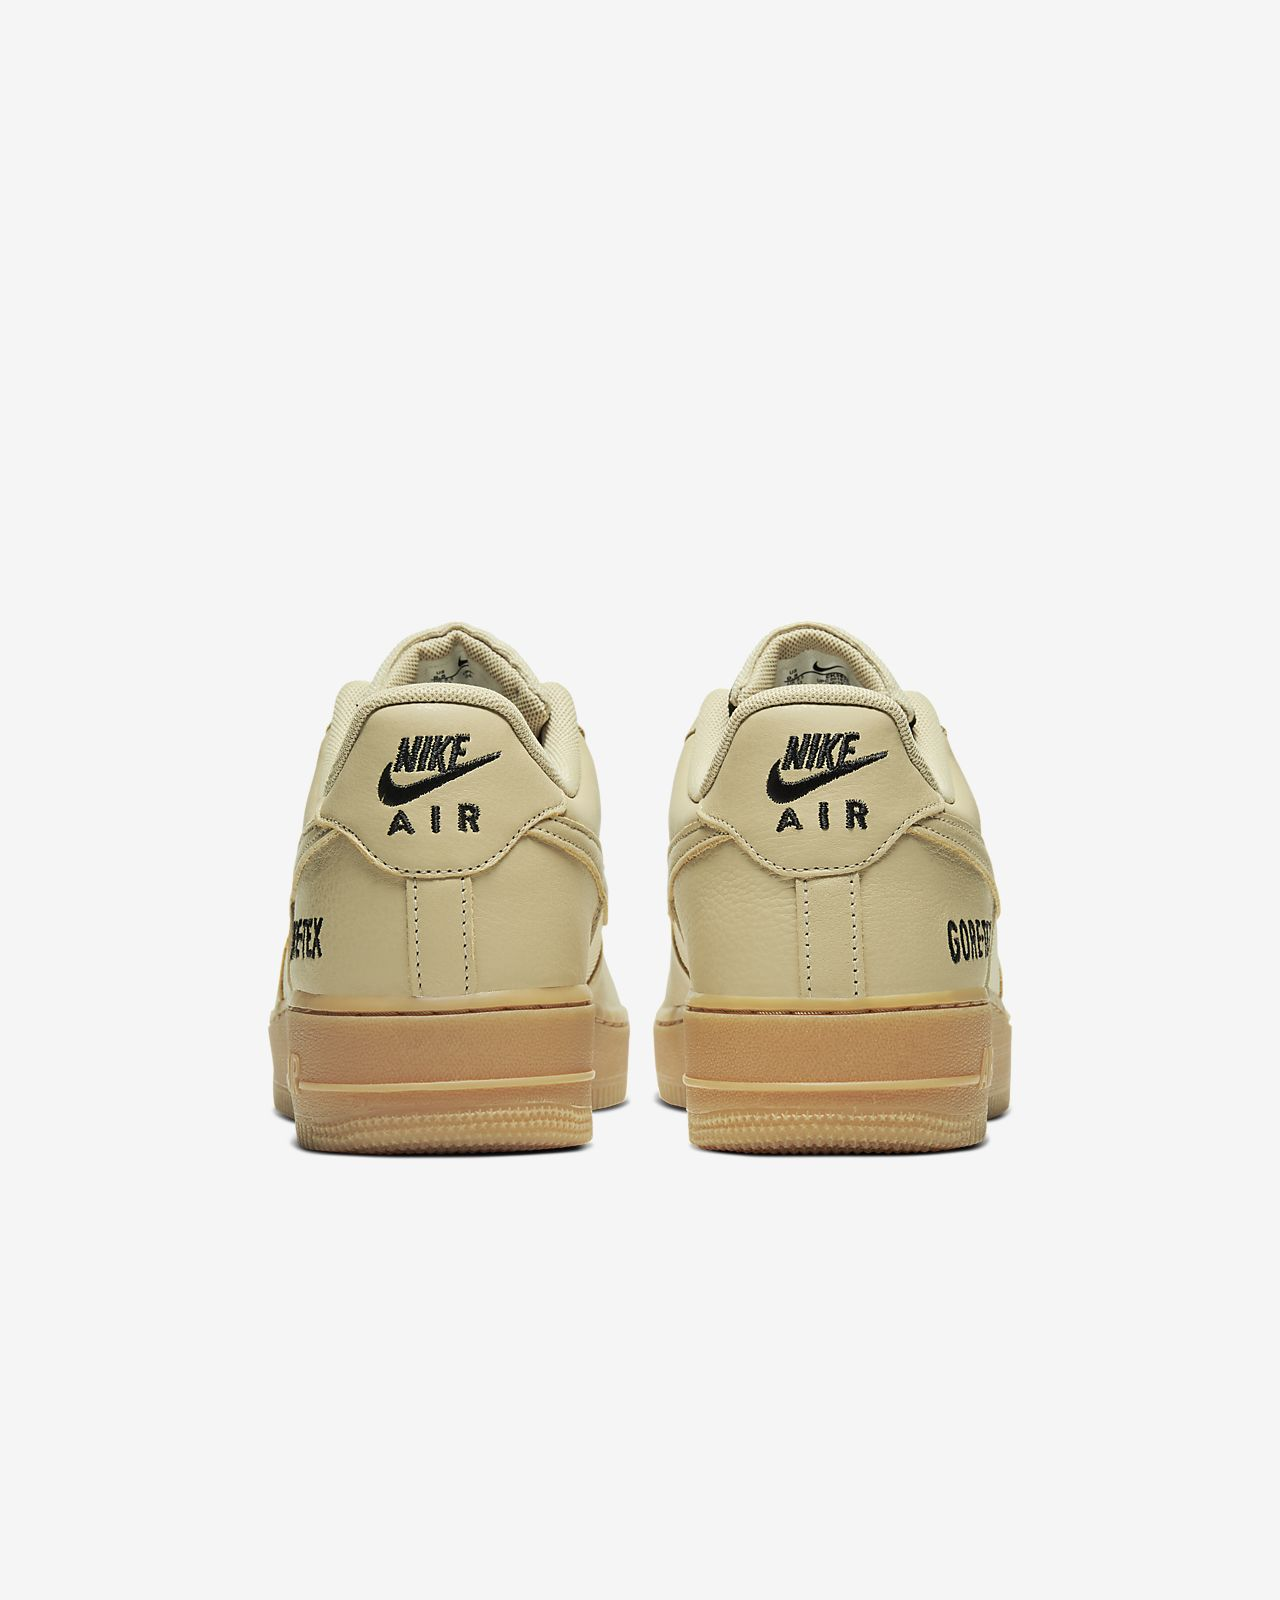 Nike Air Force 1 GTX Gore Tex Team Gold Khaki Mens Casual